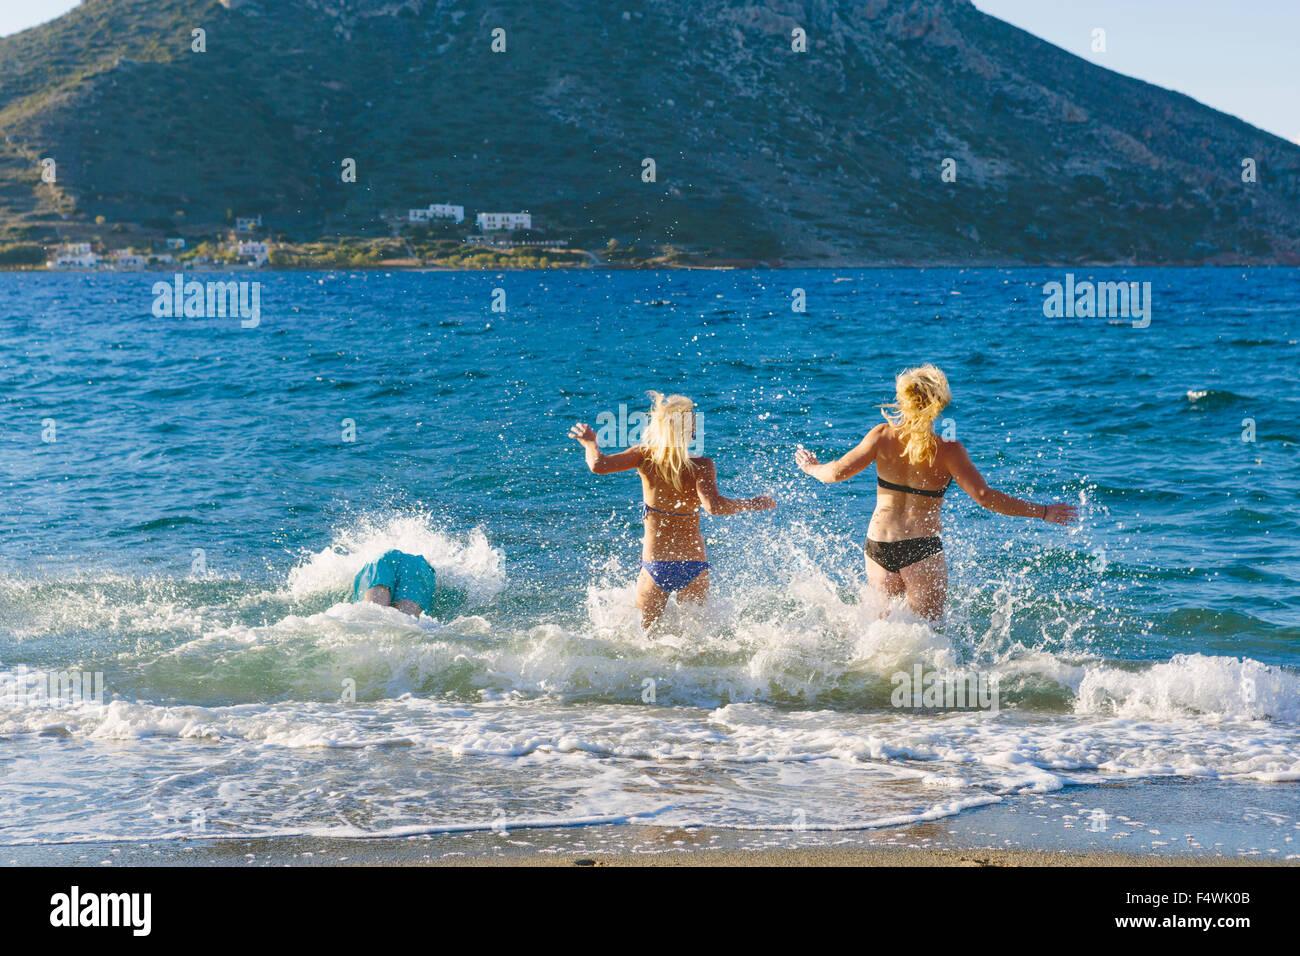 Griechenland, Dodekanes, Kalymnos, zwei Frauen laufen ins Meer Stockbild